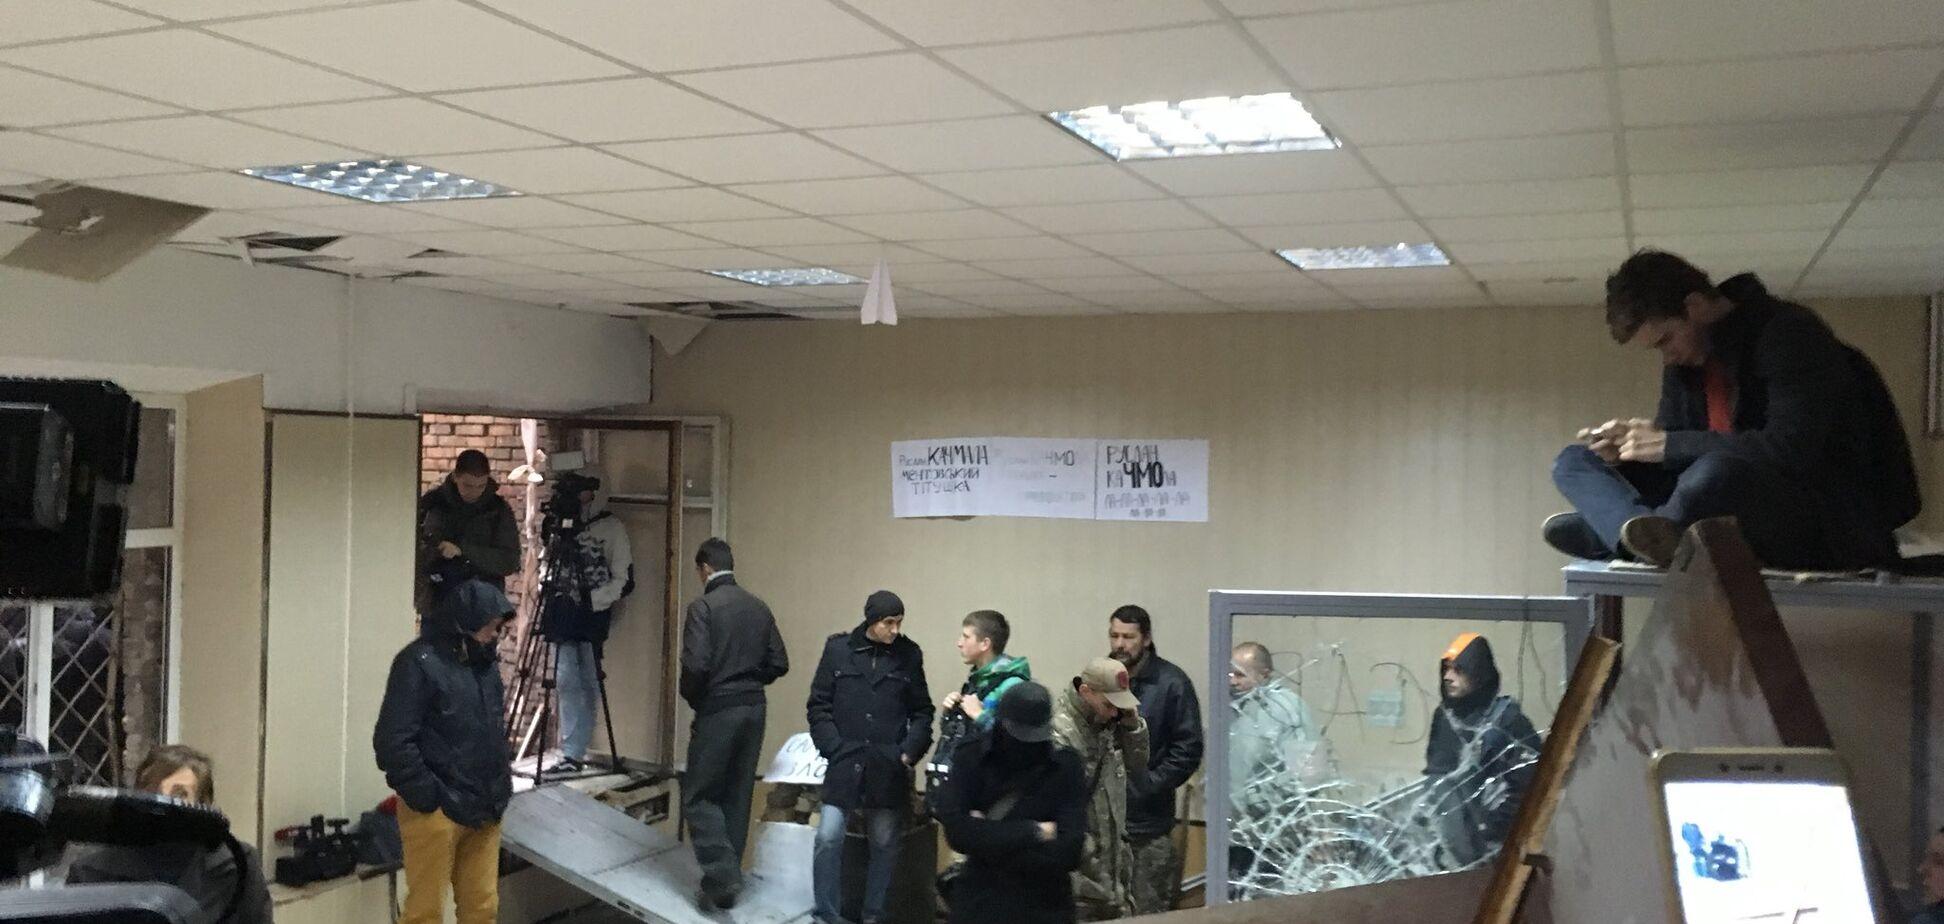 Соратникам Коханивского выставят счет за погром в суде: названа сумма убытков